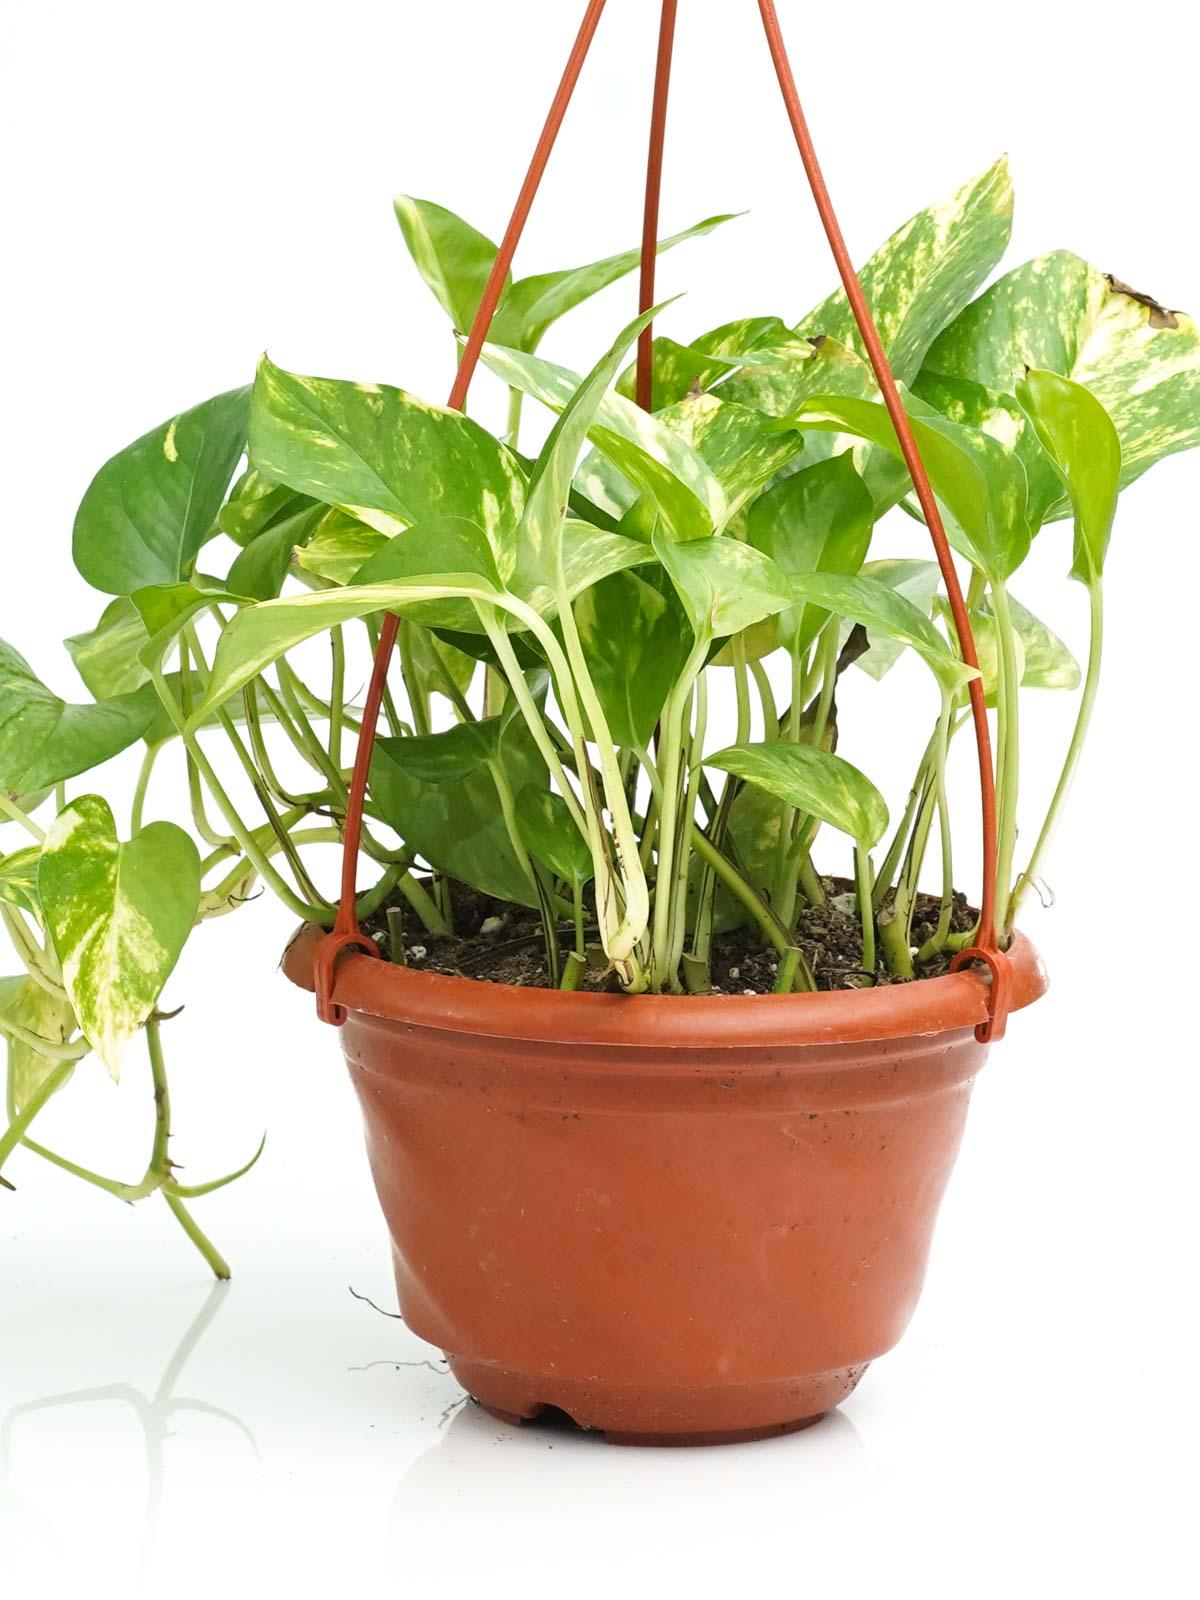 Epipremnum Scindapsus Hanging Indoor Plants Hanging